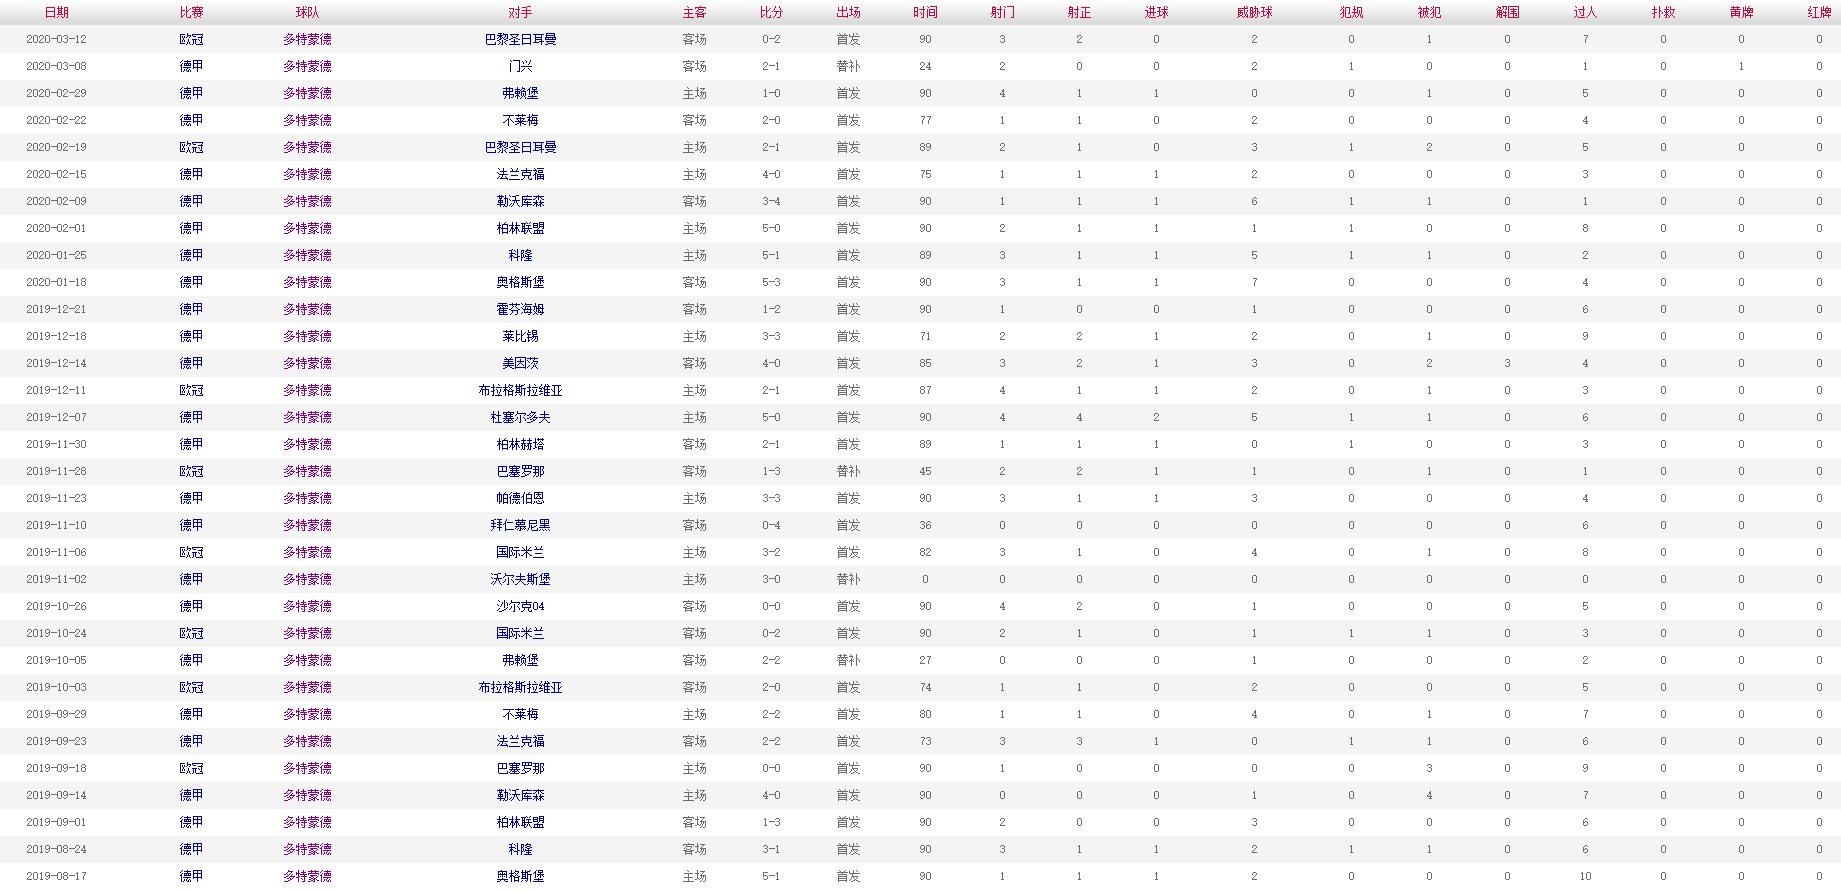 桑乔 2019-2020赛季比赛数据